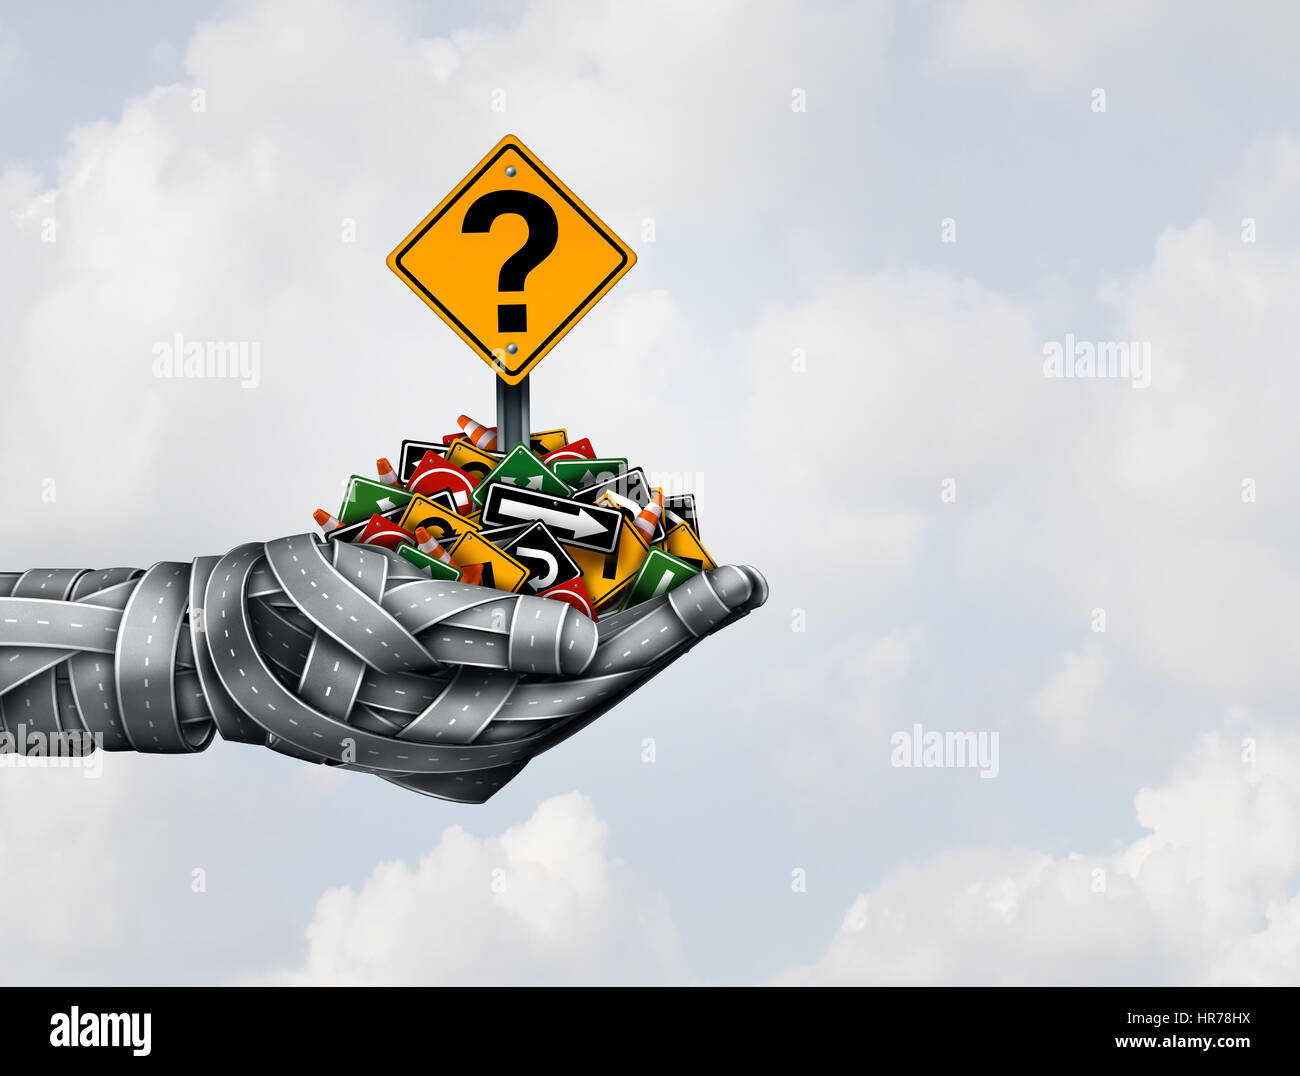 Solución de estrategia de la ruta y dirección de ideas de liderazgo empresarial o transporte respuestas Imagen De Stock